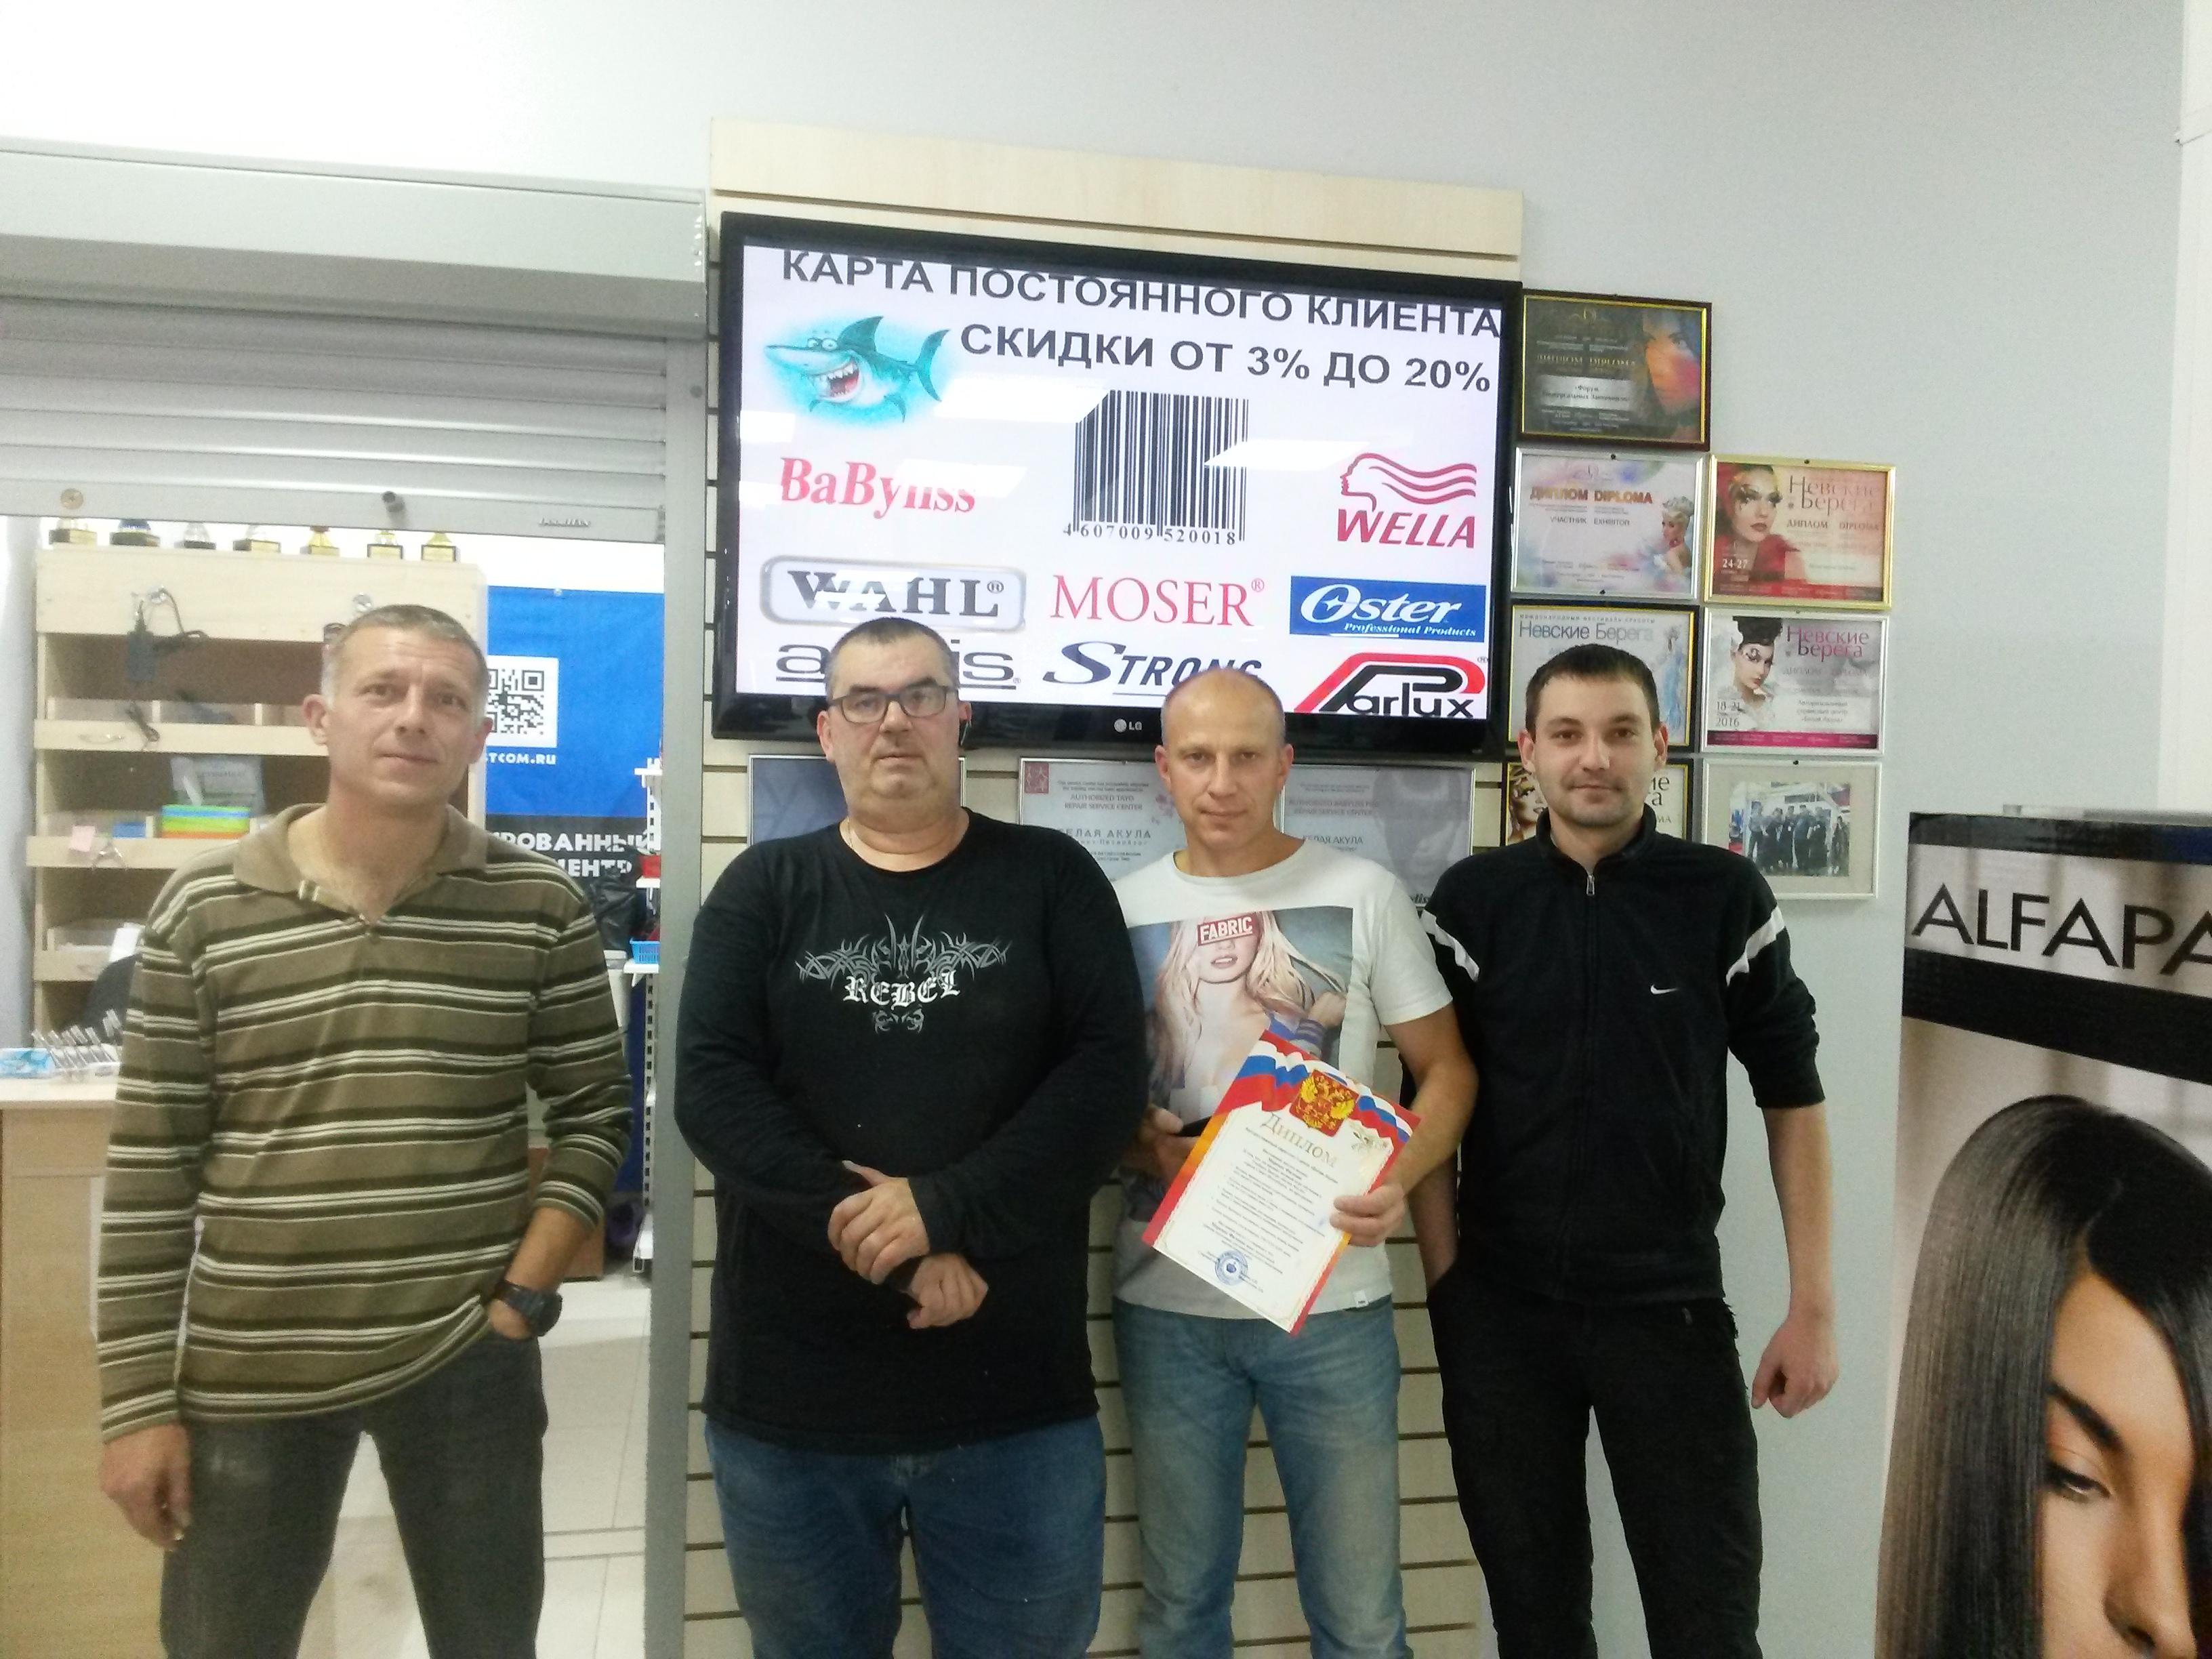 http://s0.uploads.ru/AnuRK.jpg